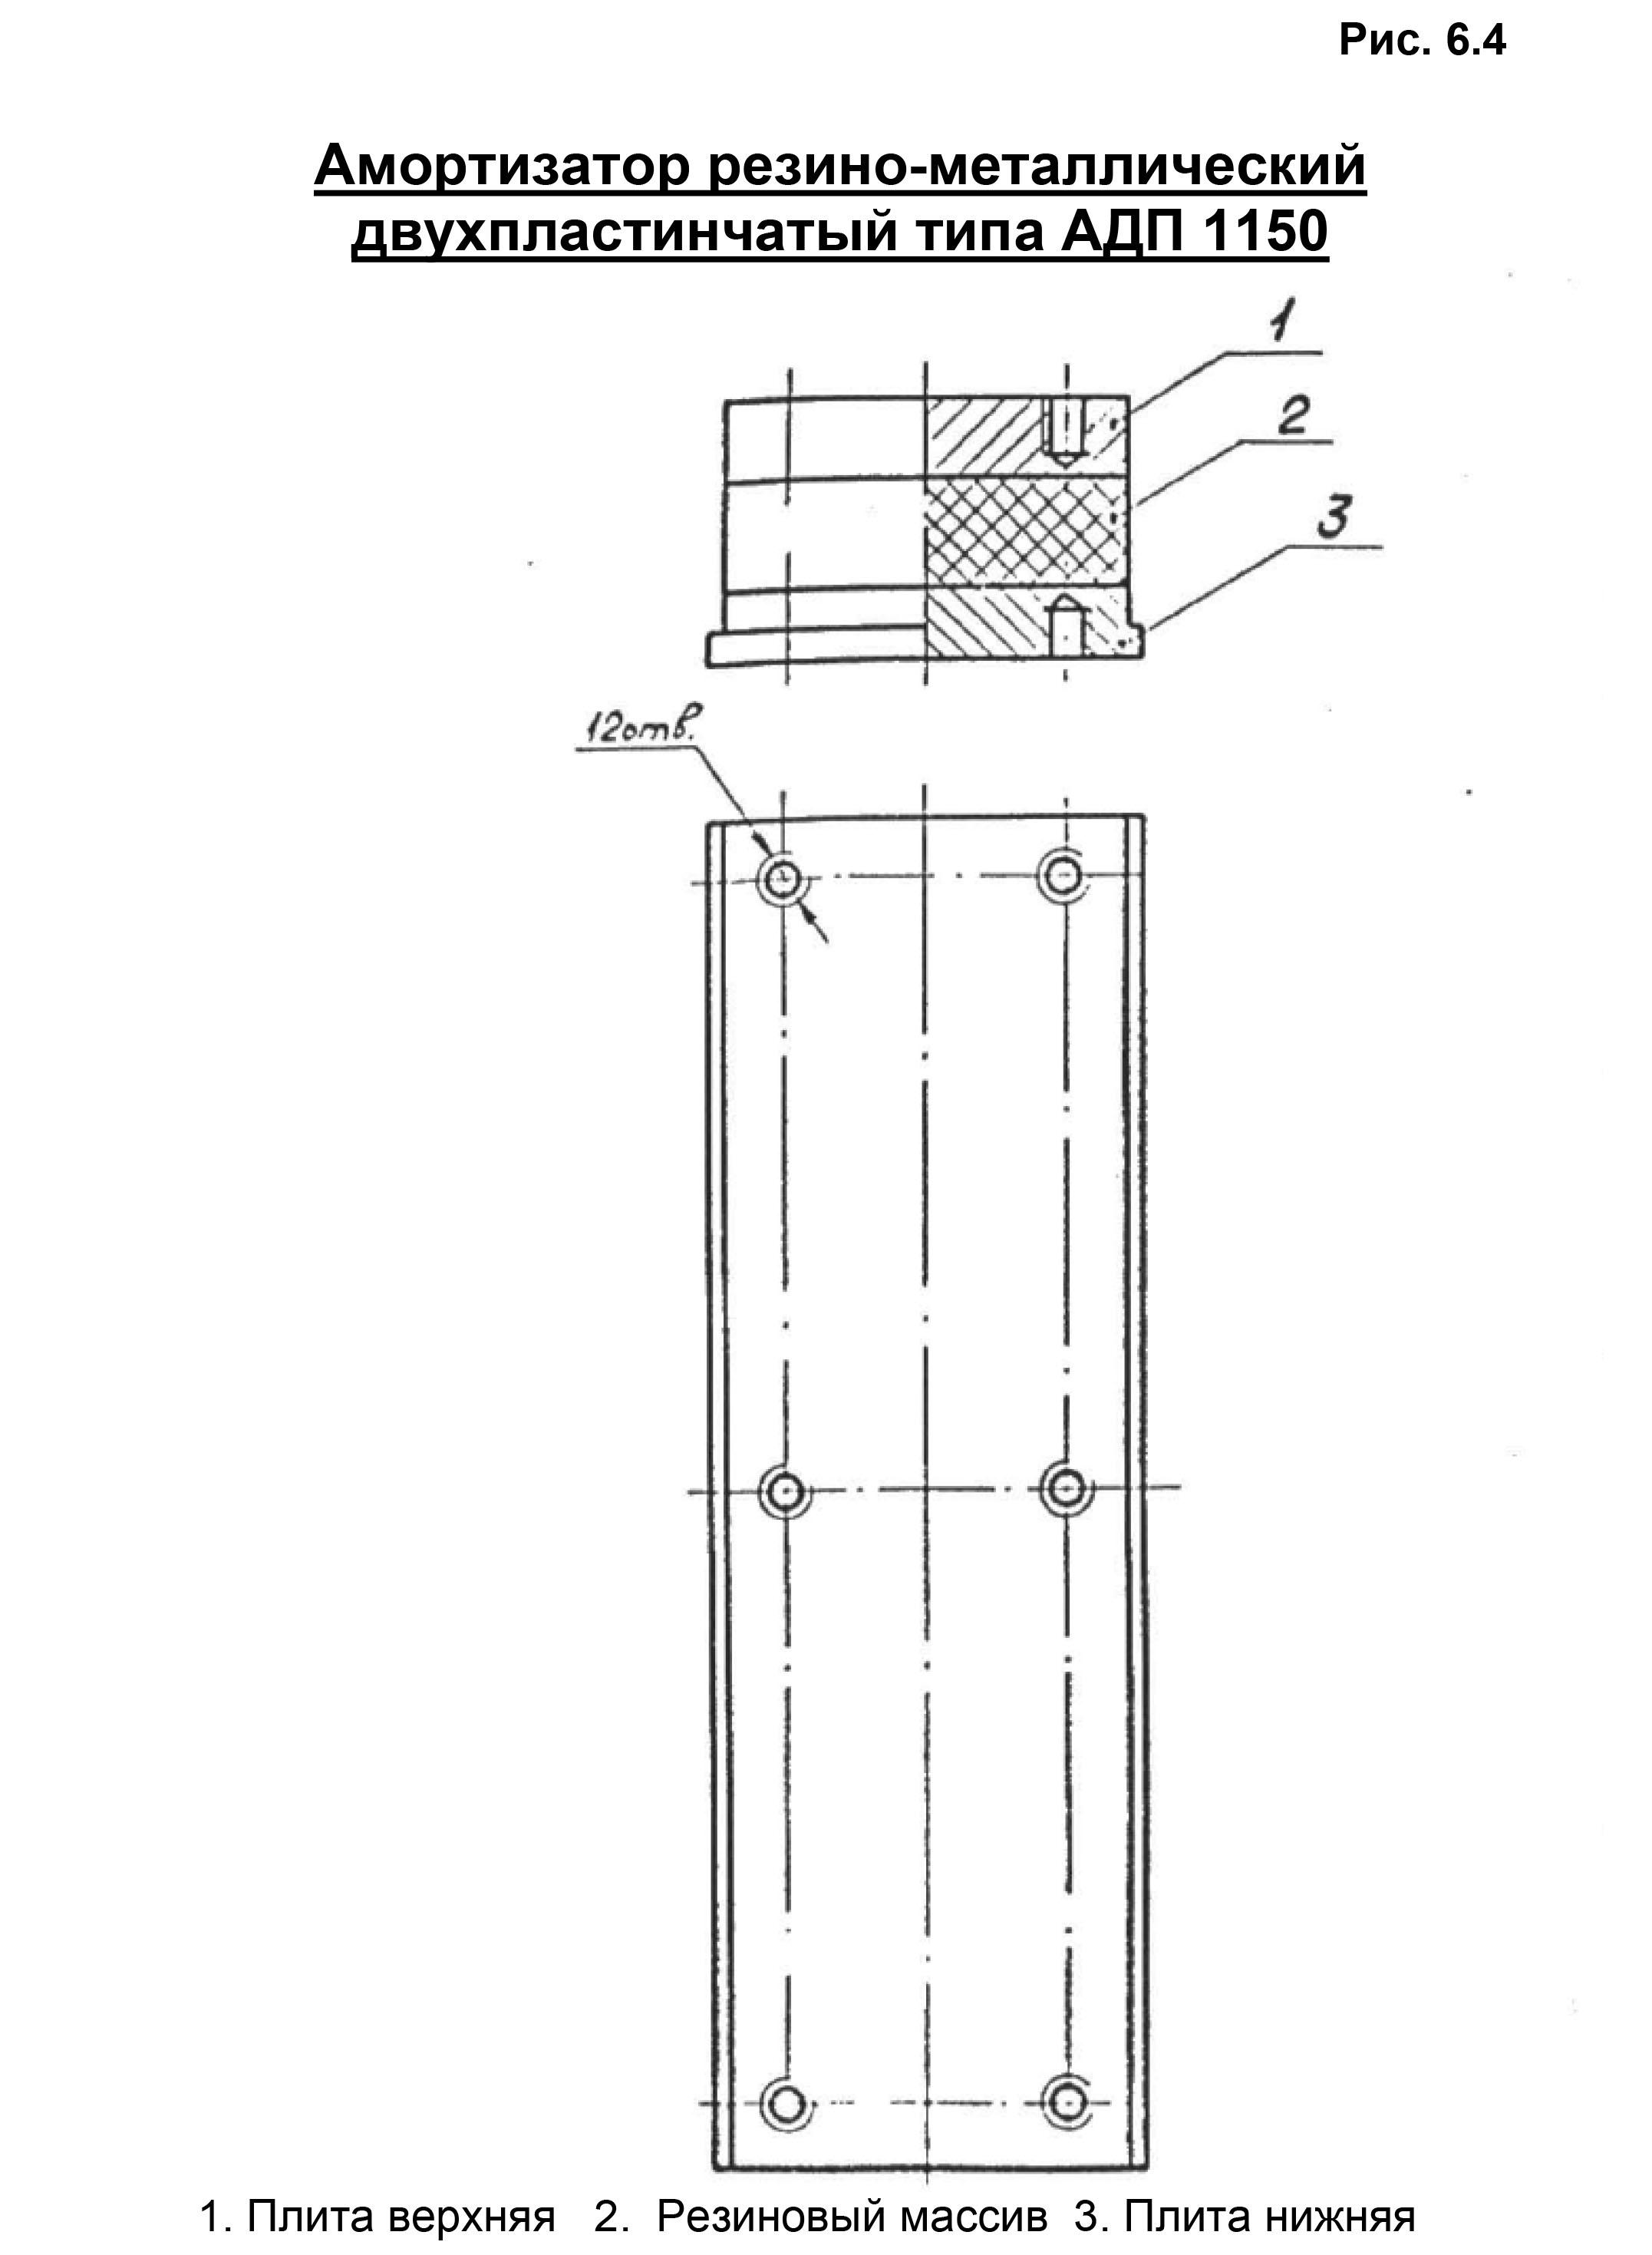 Амортизатор АДП-1150